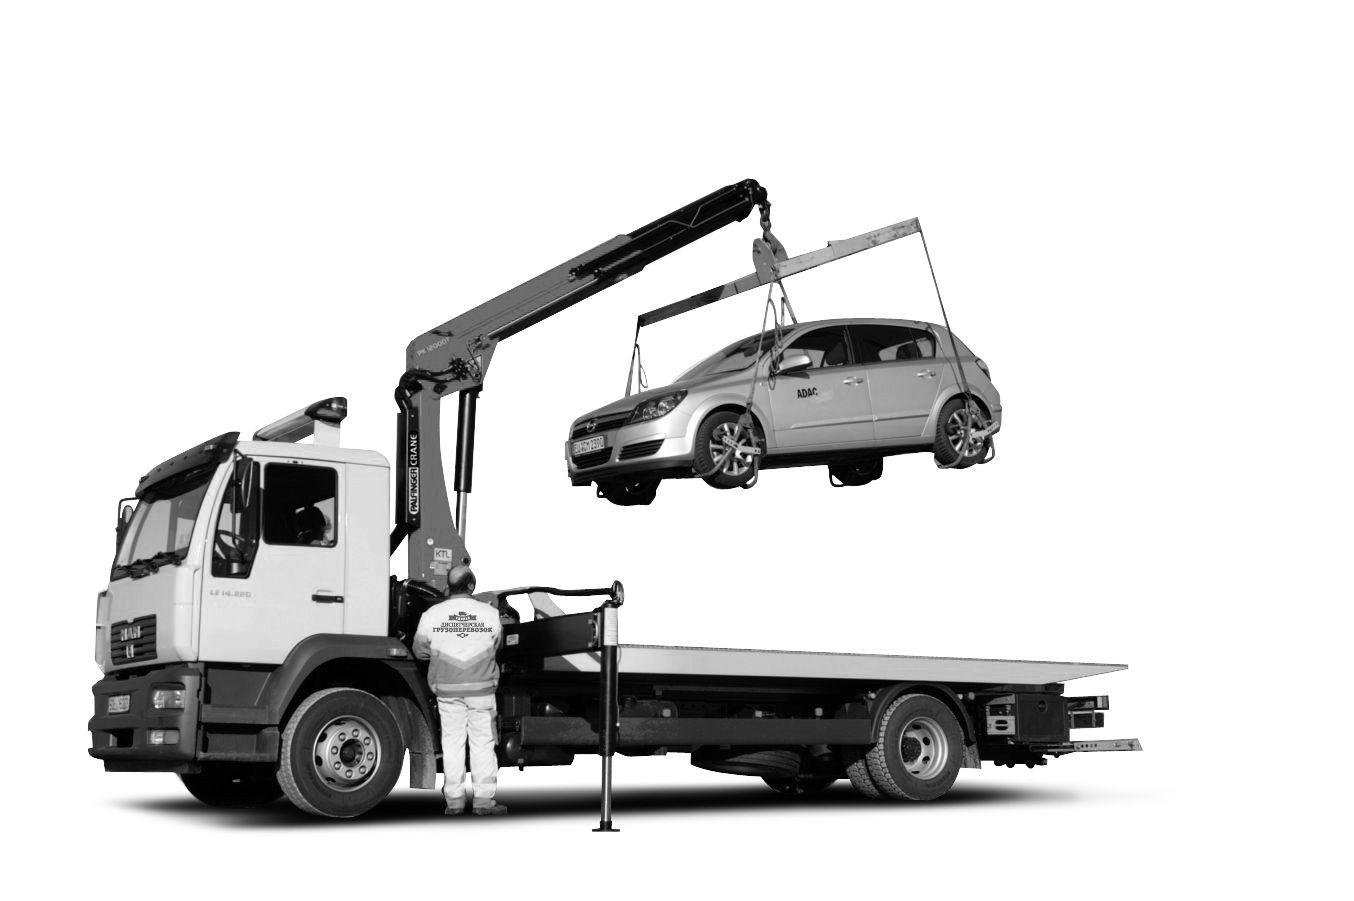 Как работает эвакуаторная техника: доставка поврежденного автотранспорта